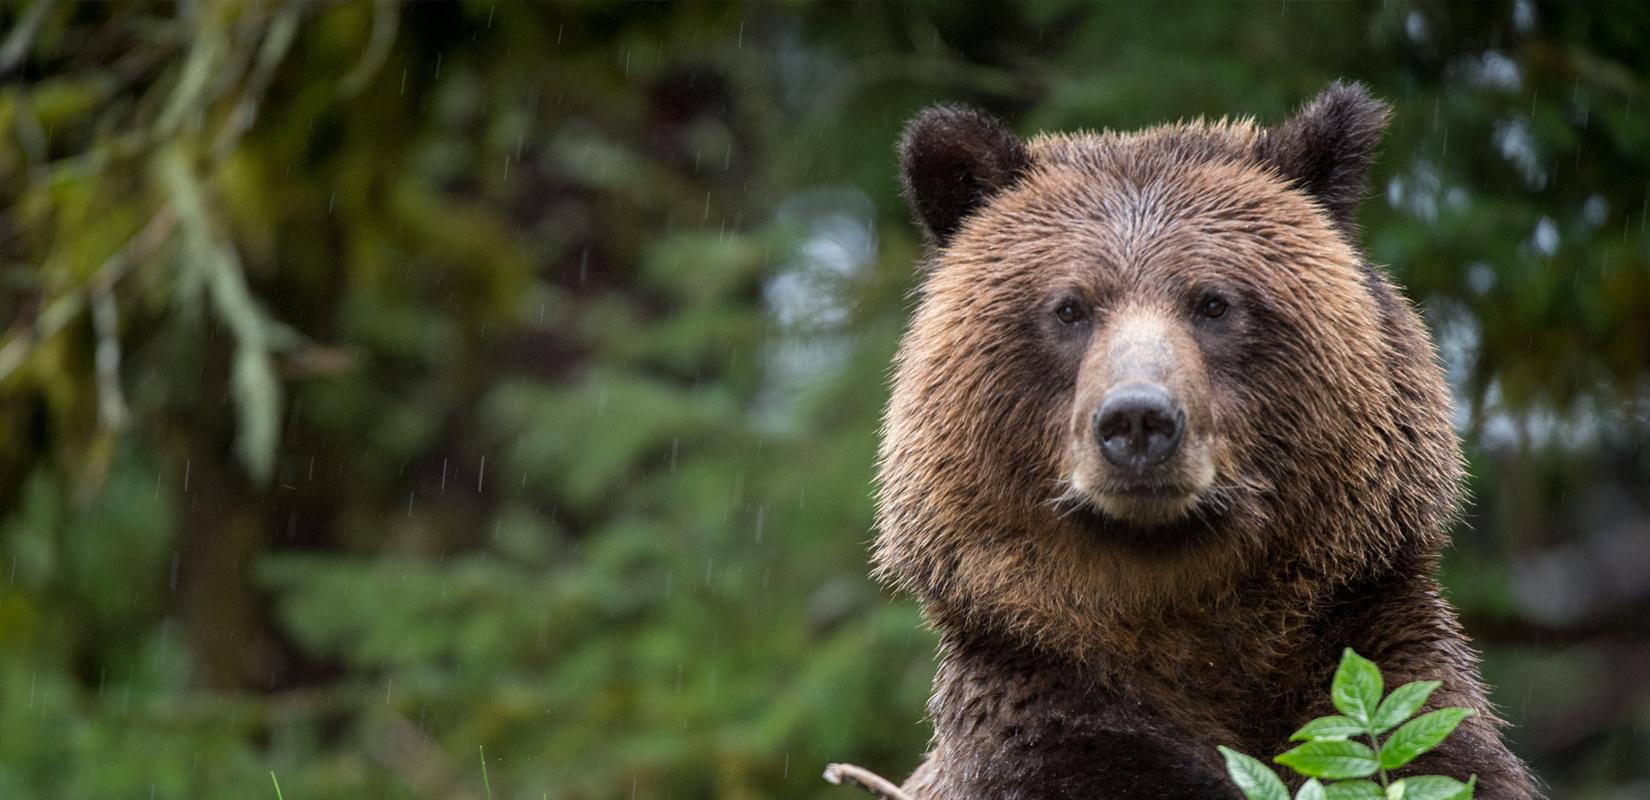 Открит е труп на кафява мечка в района на село Арда, община Смолян, област Смолян